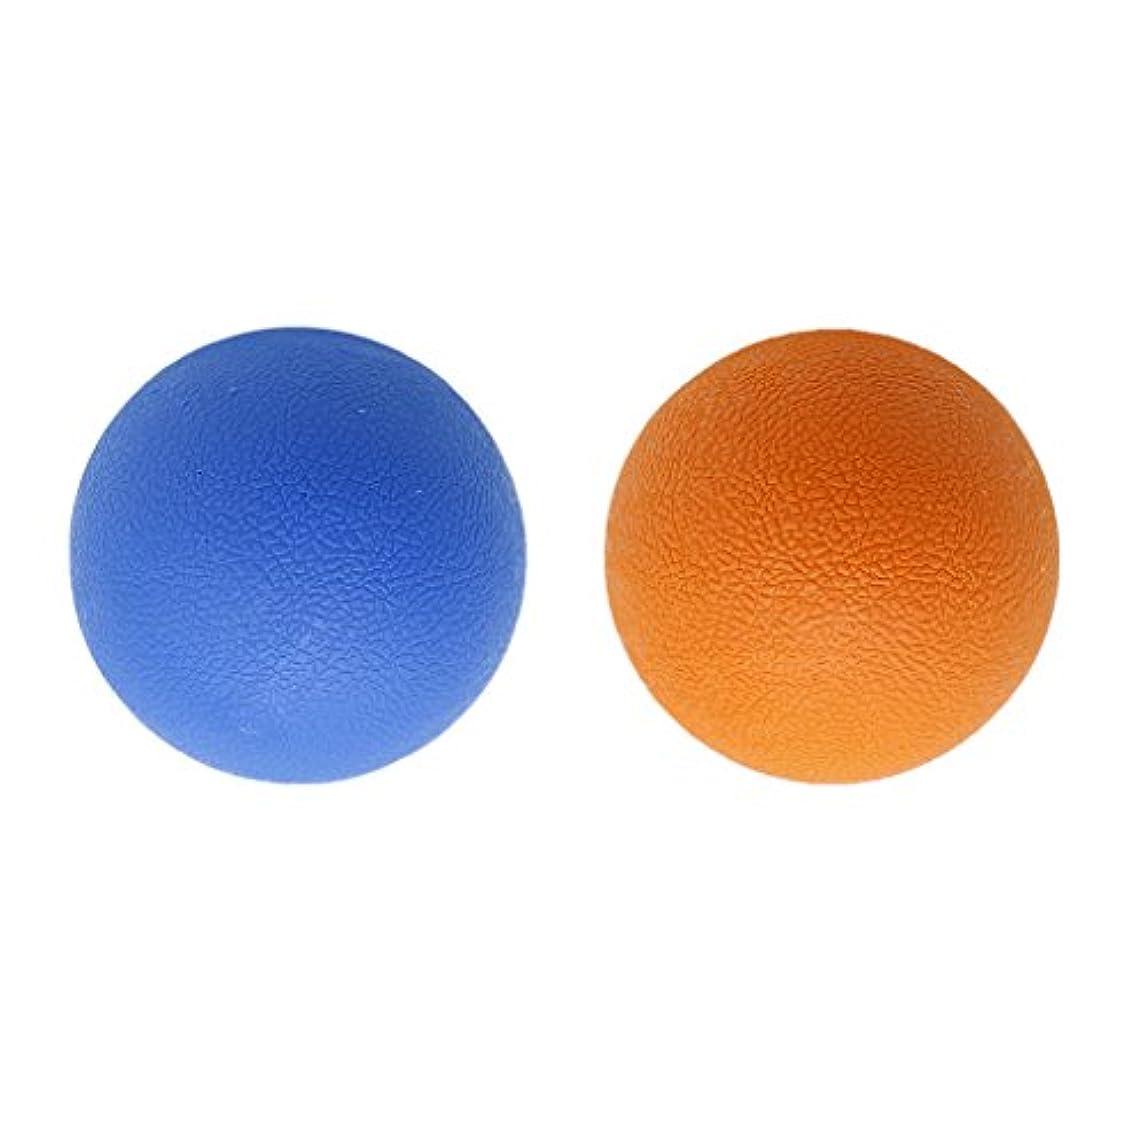 指導する指定する本質的にBaoblaze 2個 マッサージボール ラクロスボール トリガ ポイントマッサージ 弾性TPE 多色選べる - オレンジブルー